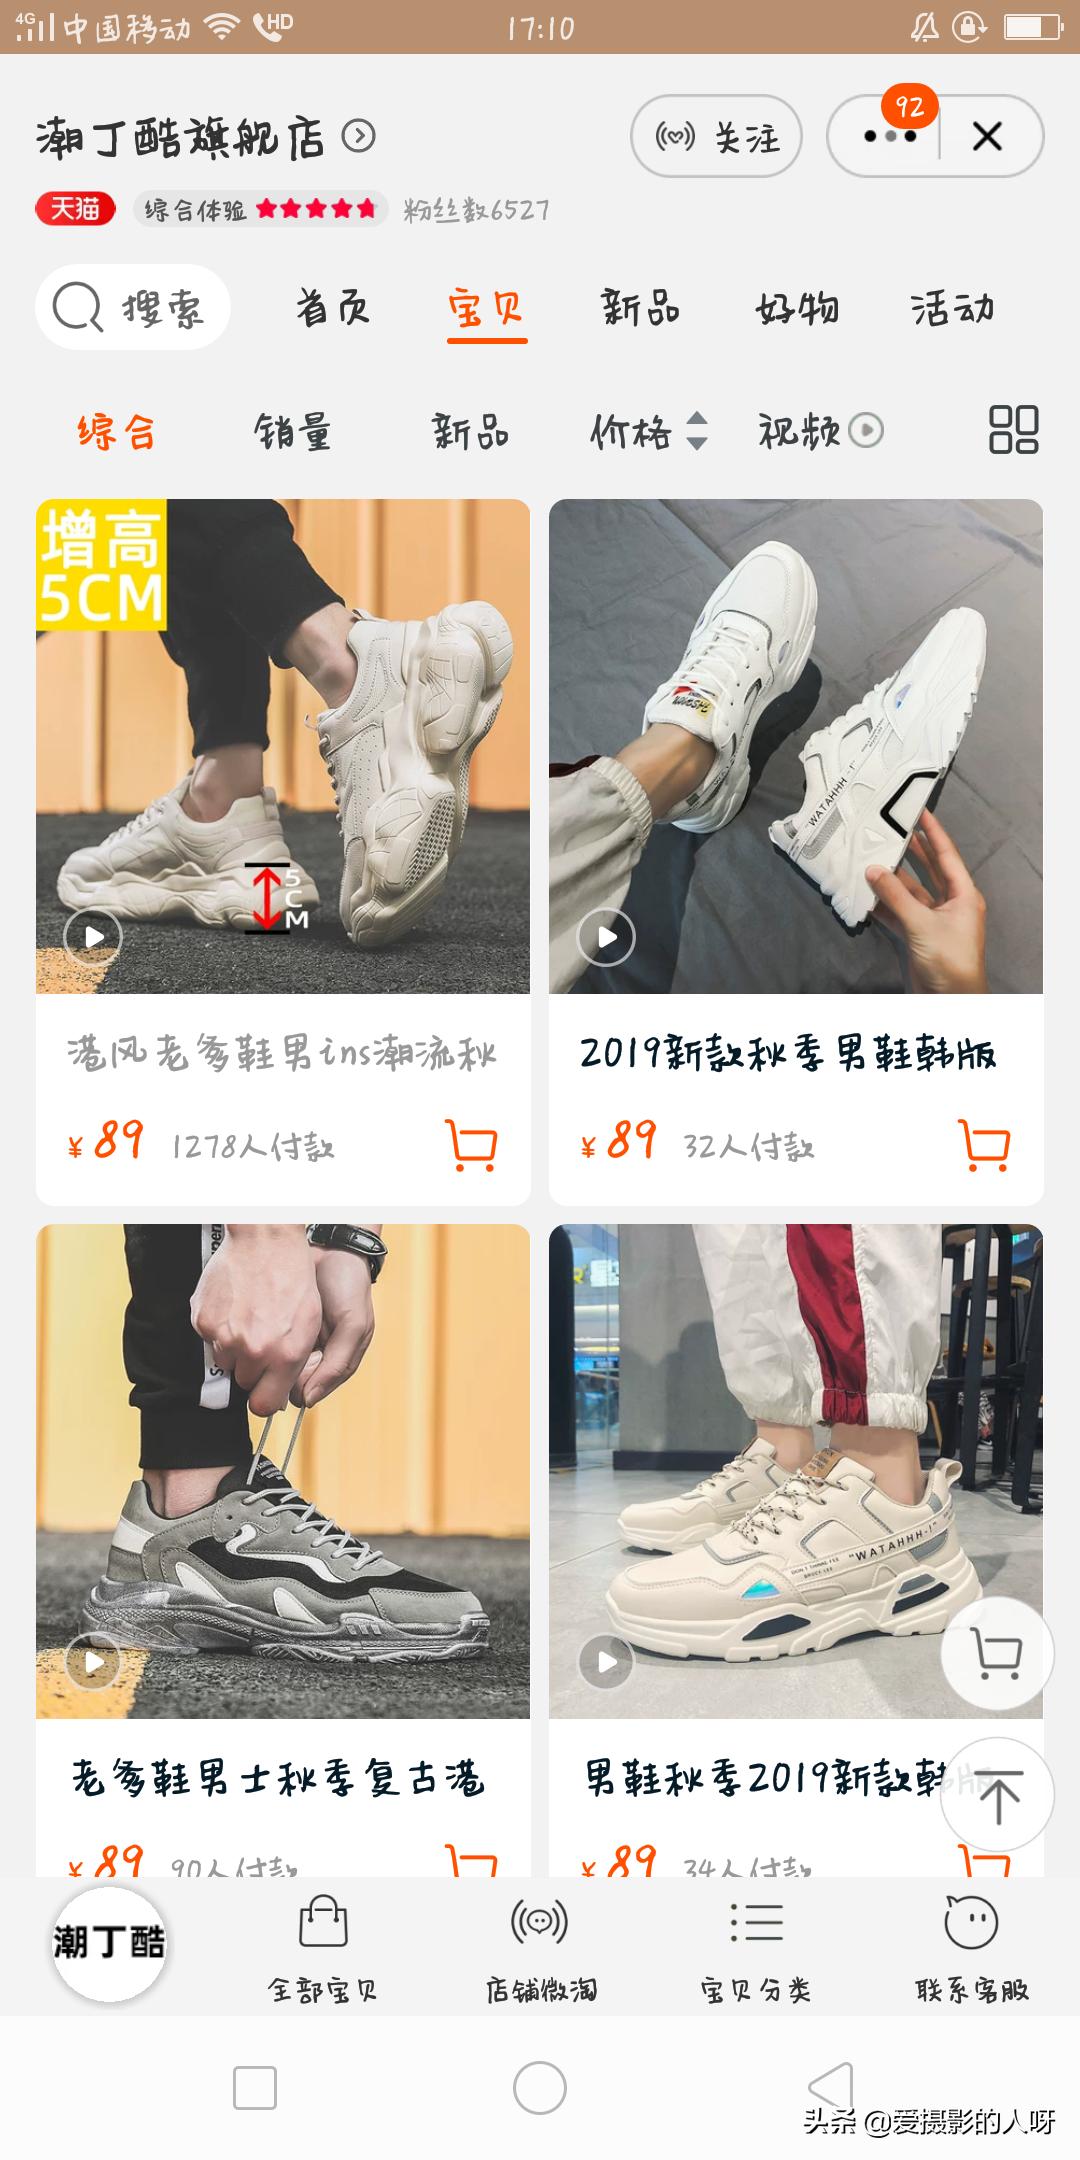 淘宝男鞋店铺推荐(淘宝质量好的男鞋店)